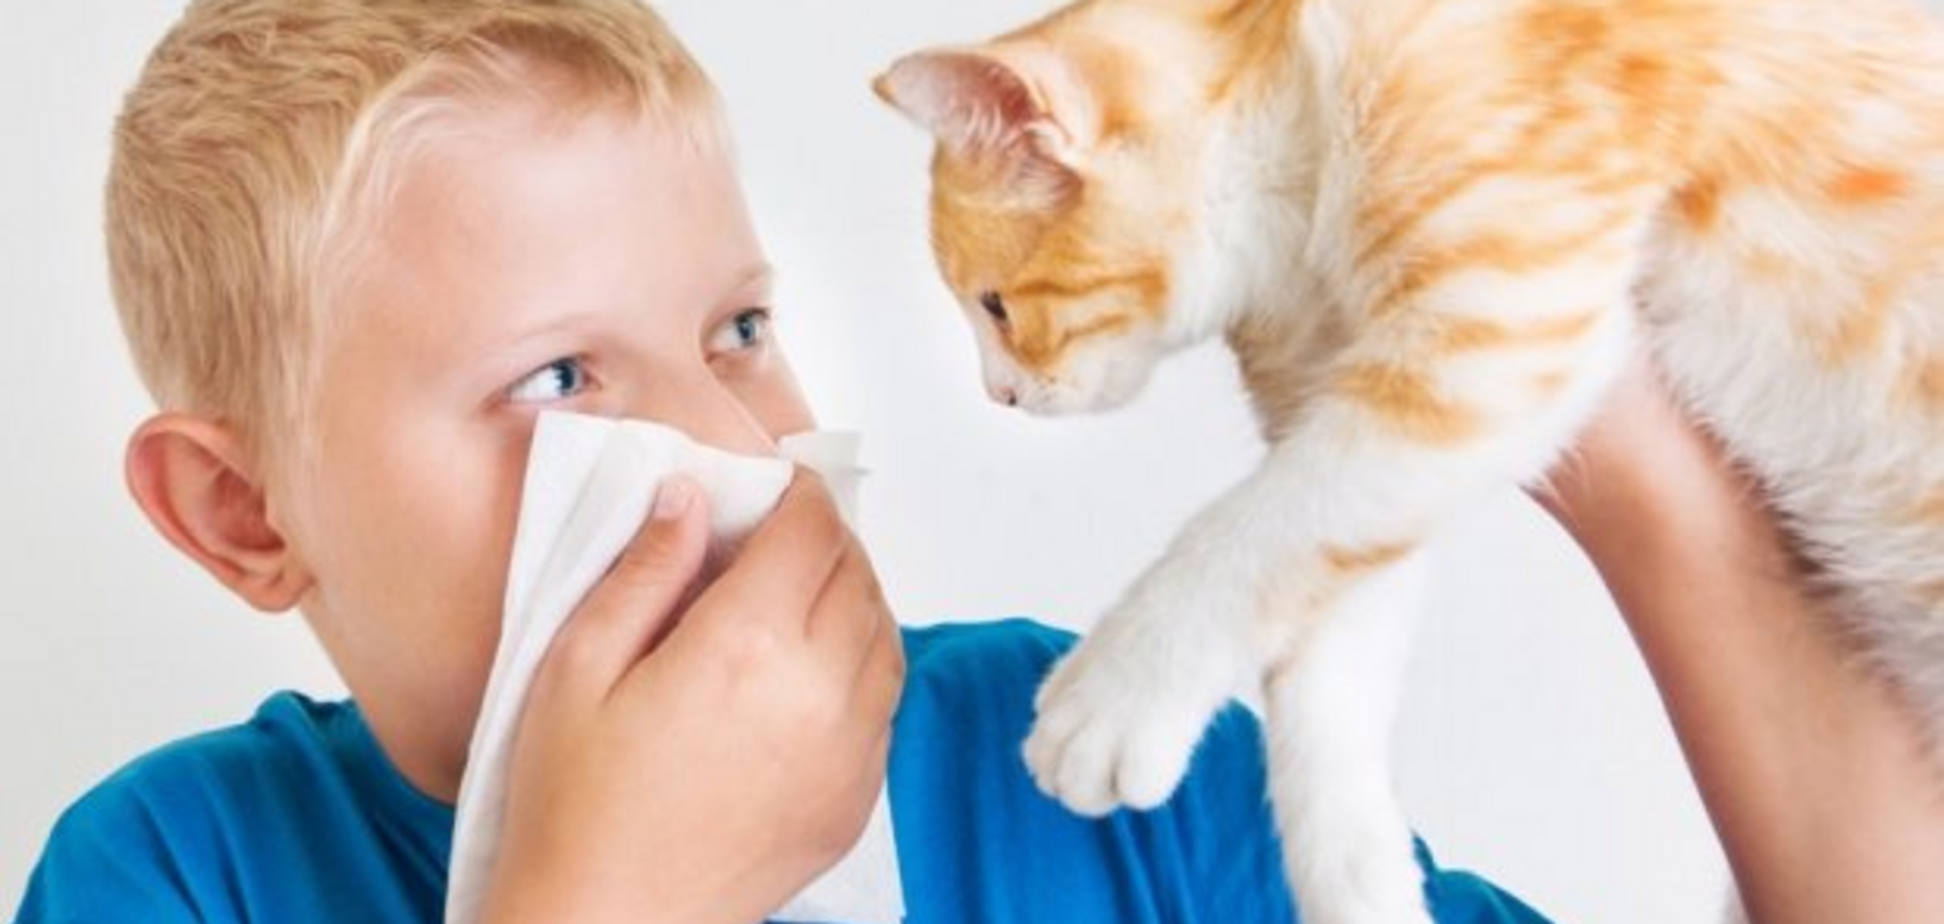 Бронхіальна астма: чому виникає та як лікувати